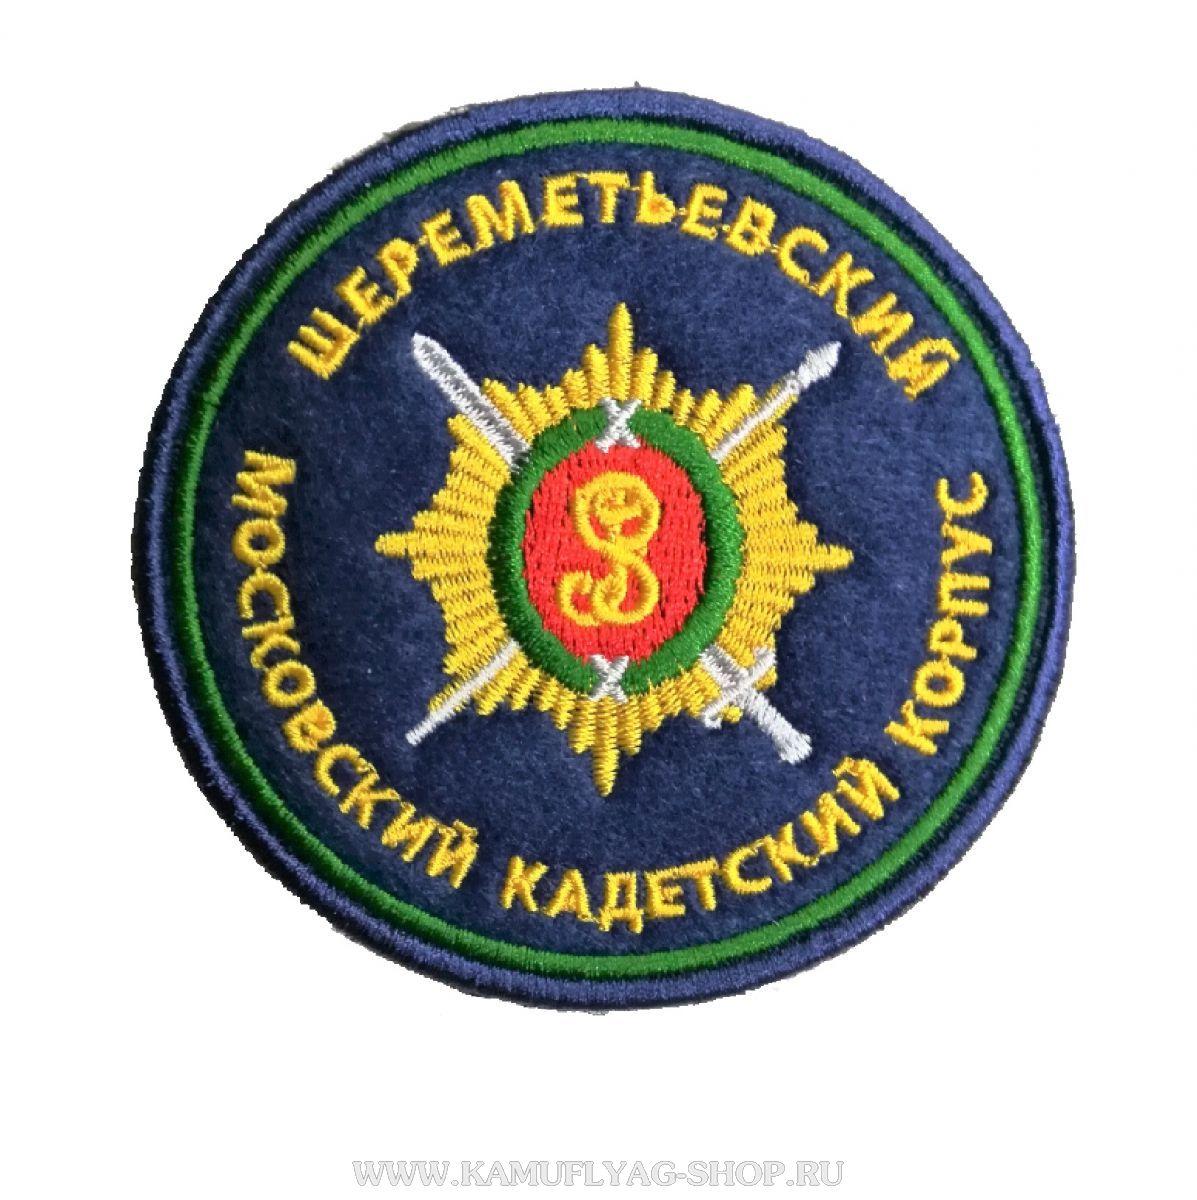 Шеврон Шереметьевский МКК, вышивка